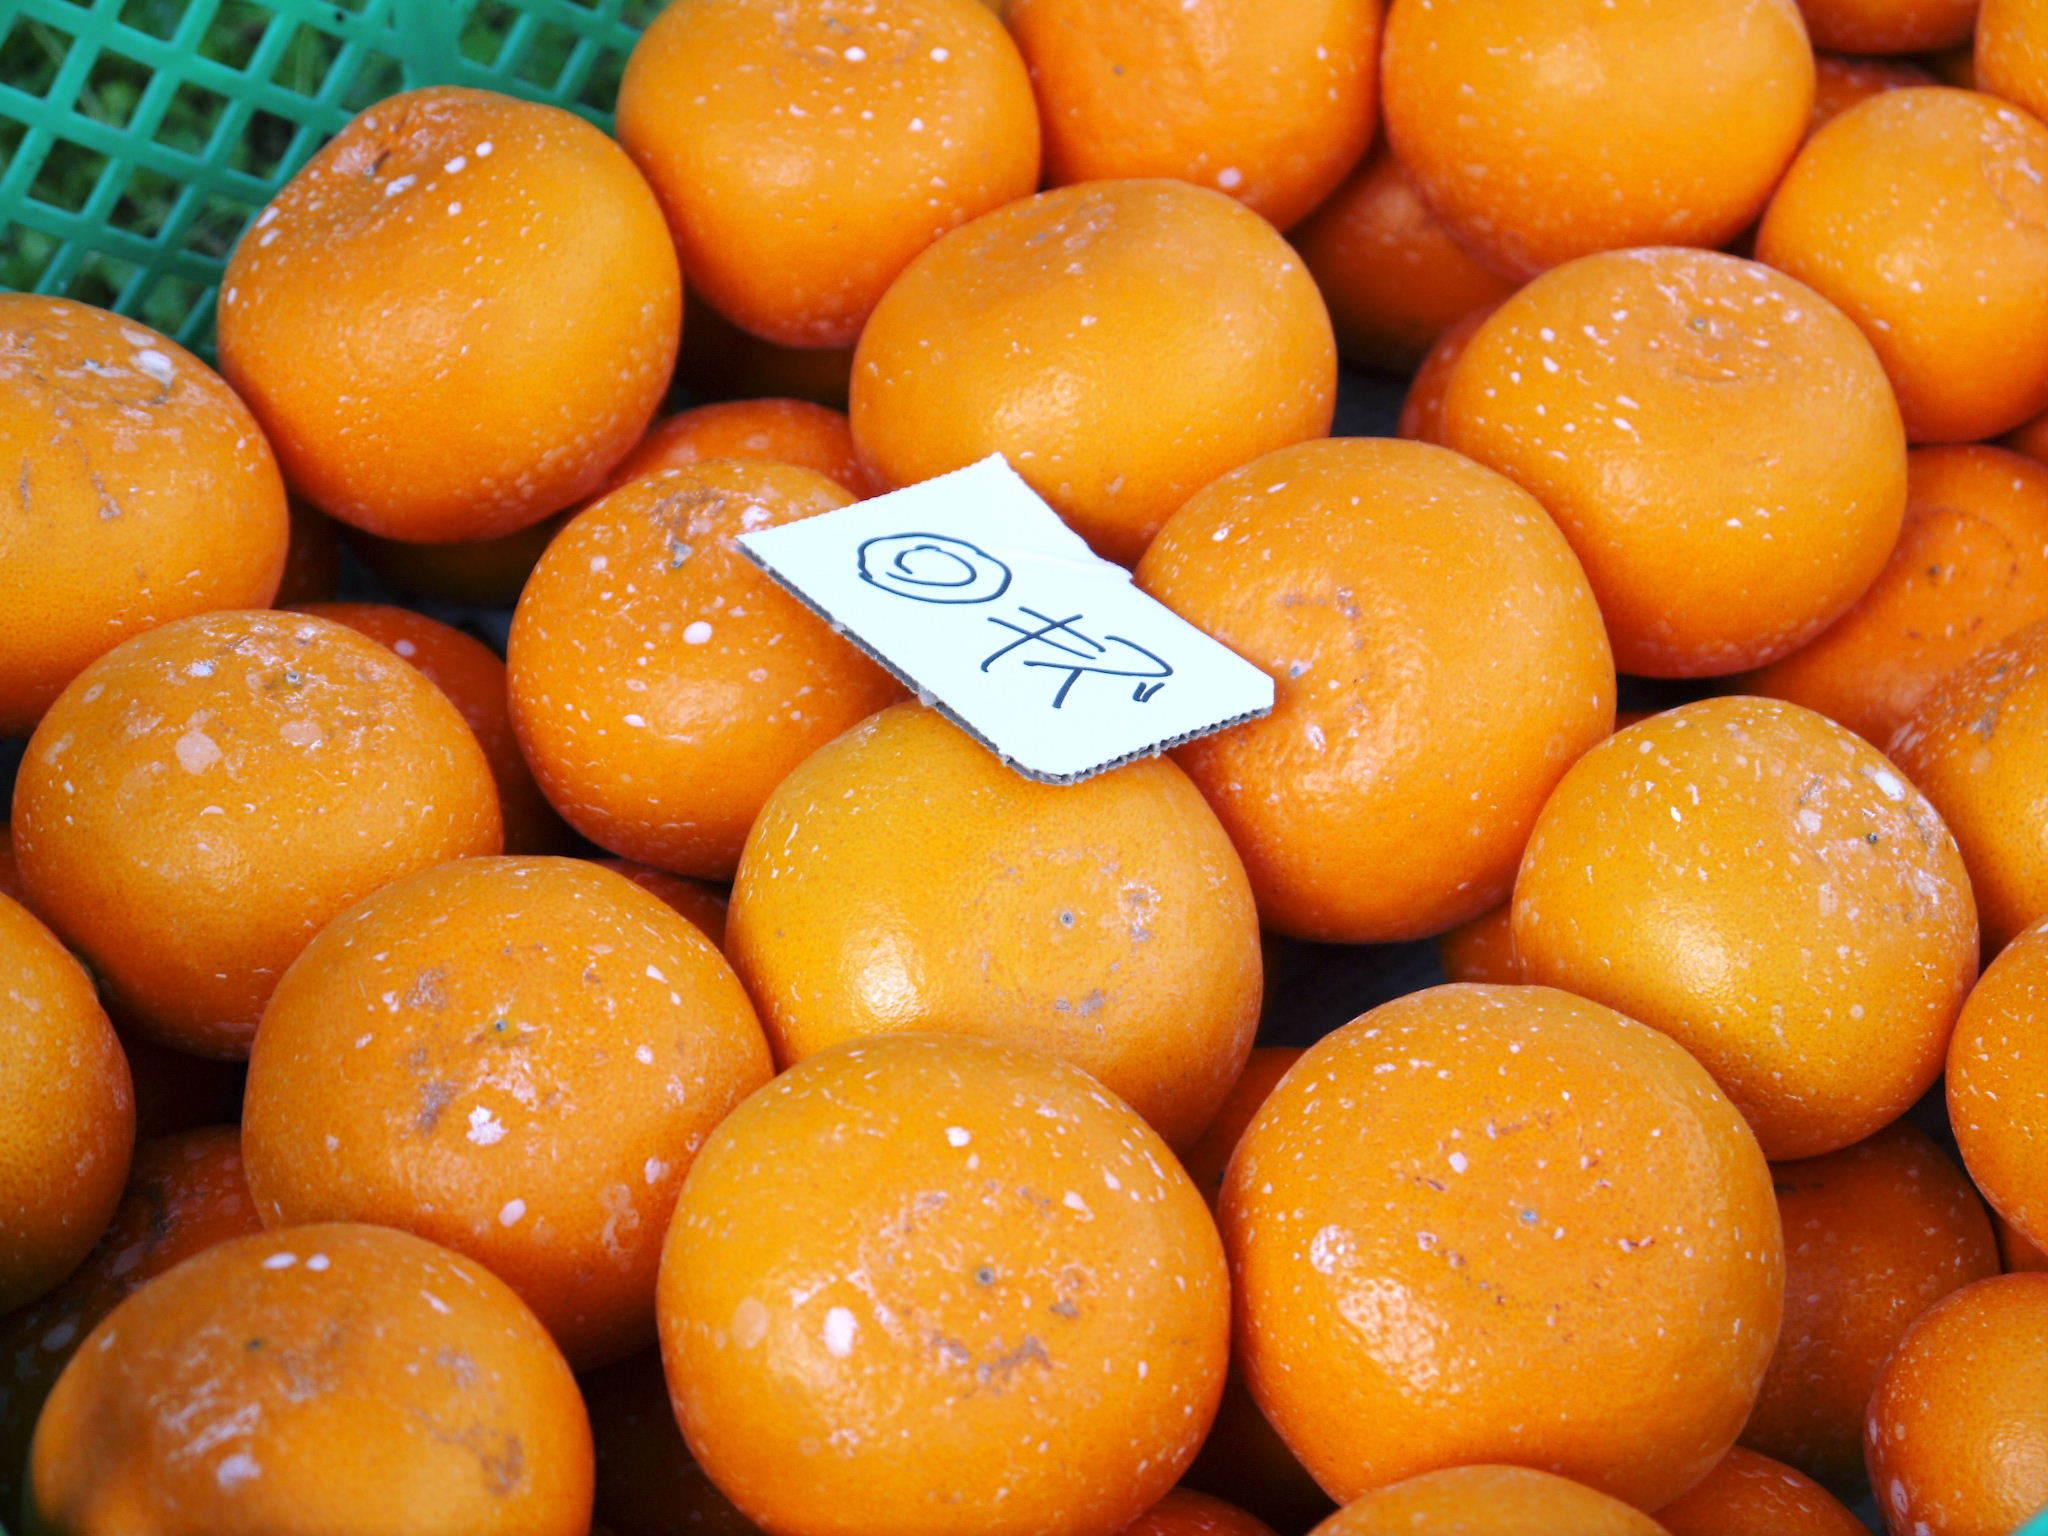 究極の柑橘『せとか』 超!ハイペースで出荷中!ご家庭用にもご贈答用にも大人気商品です!_a0254656_14574343.jpg